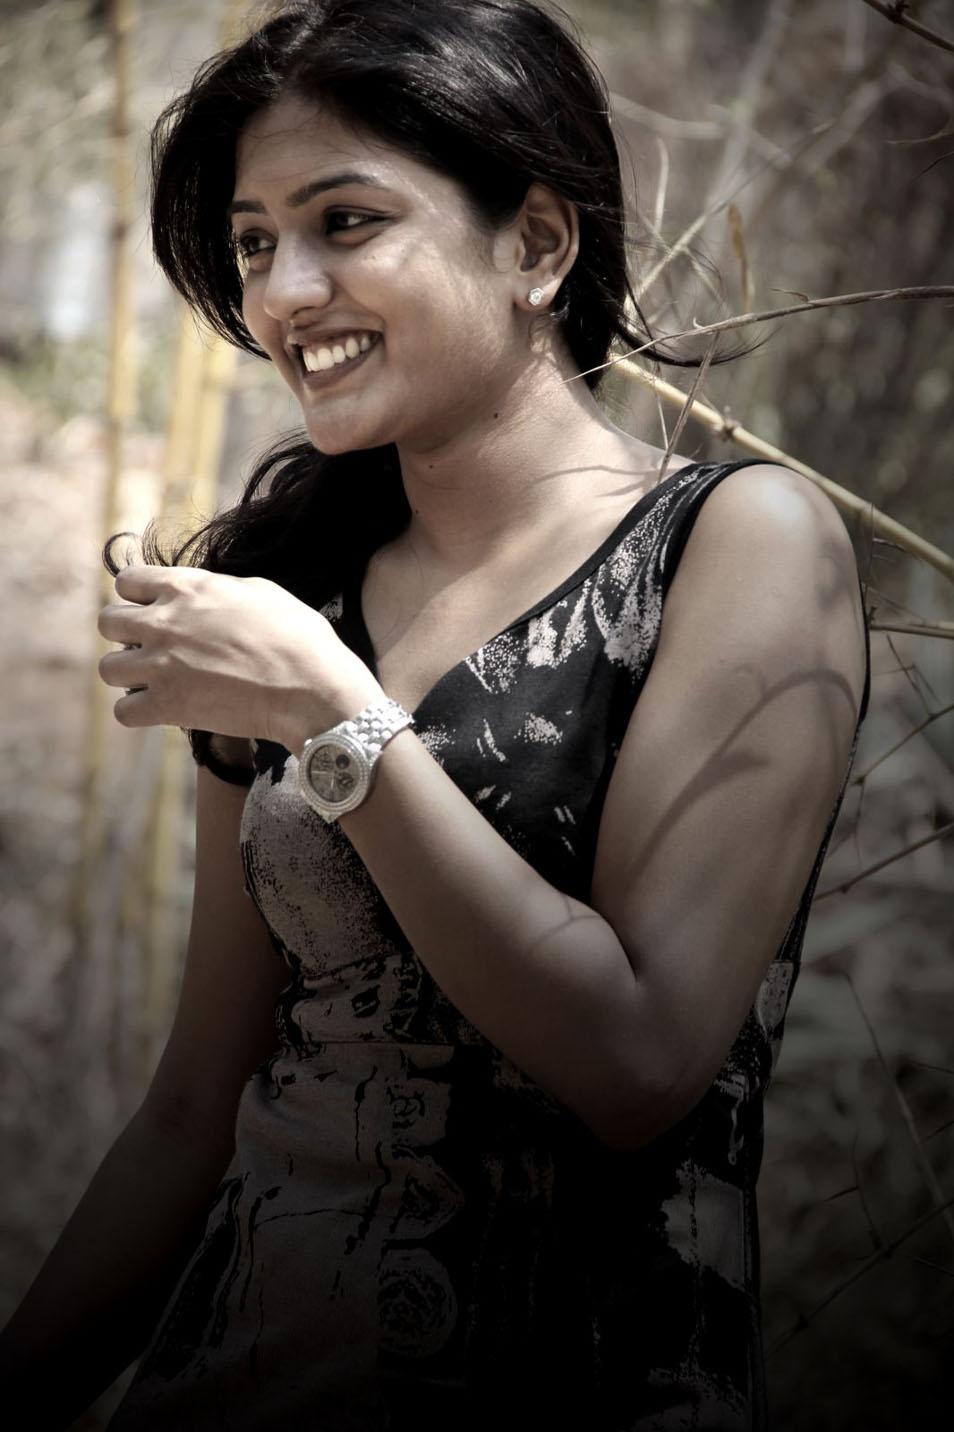 Eesha Hot Photoshoot Stills - NISEWALLPAPERS